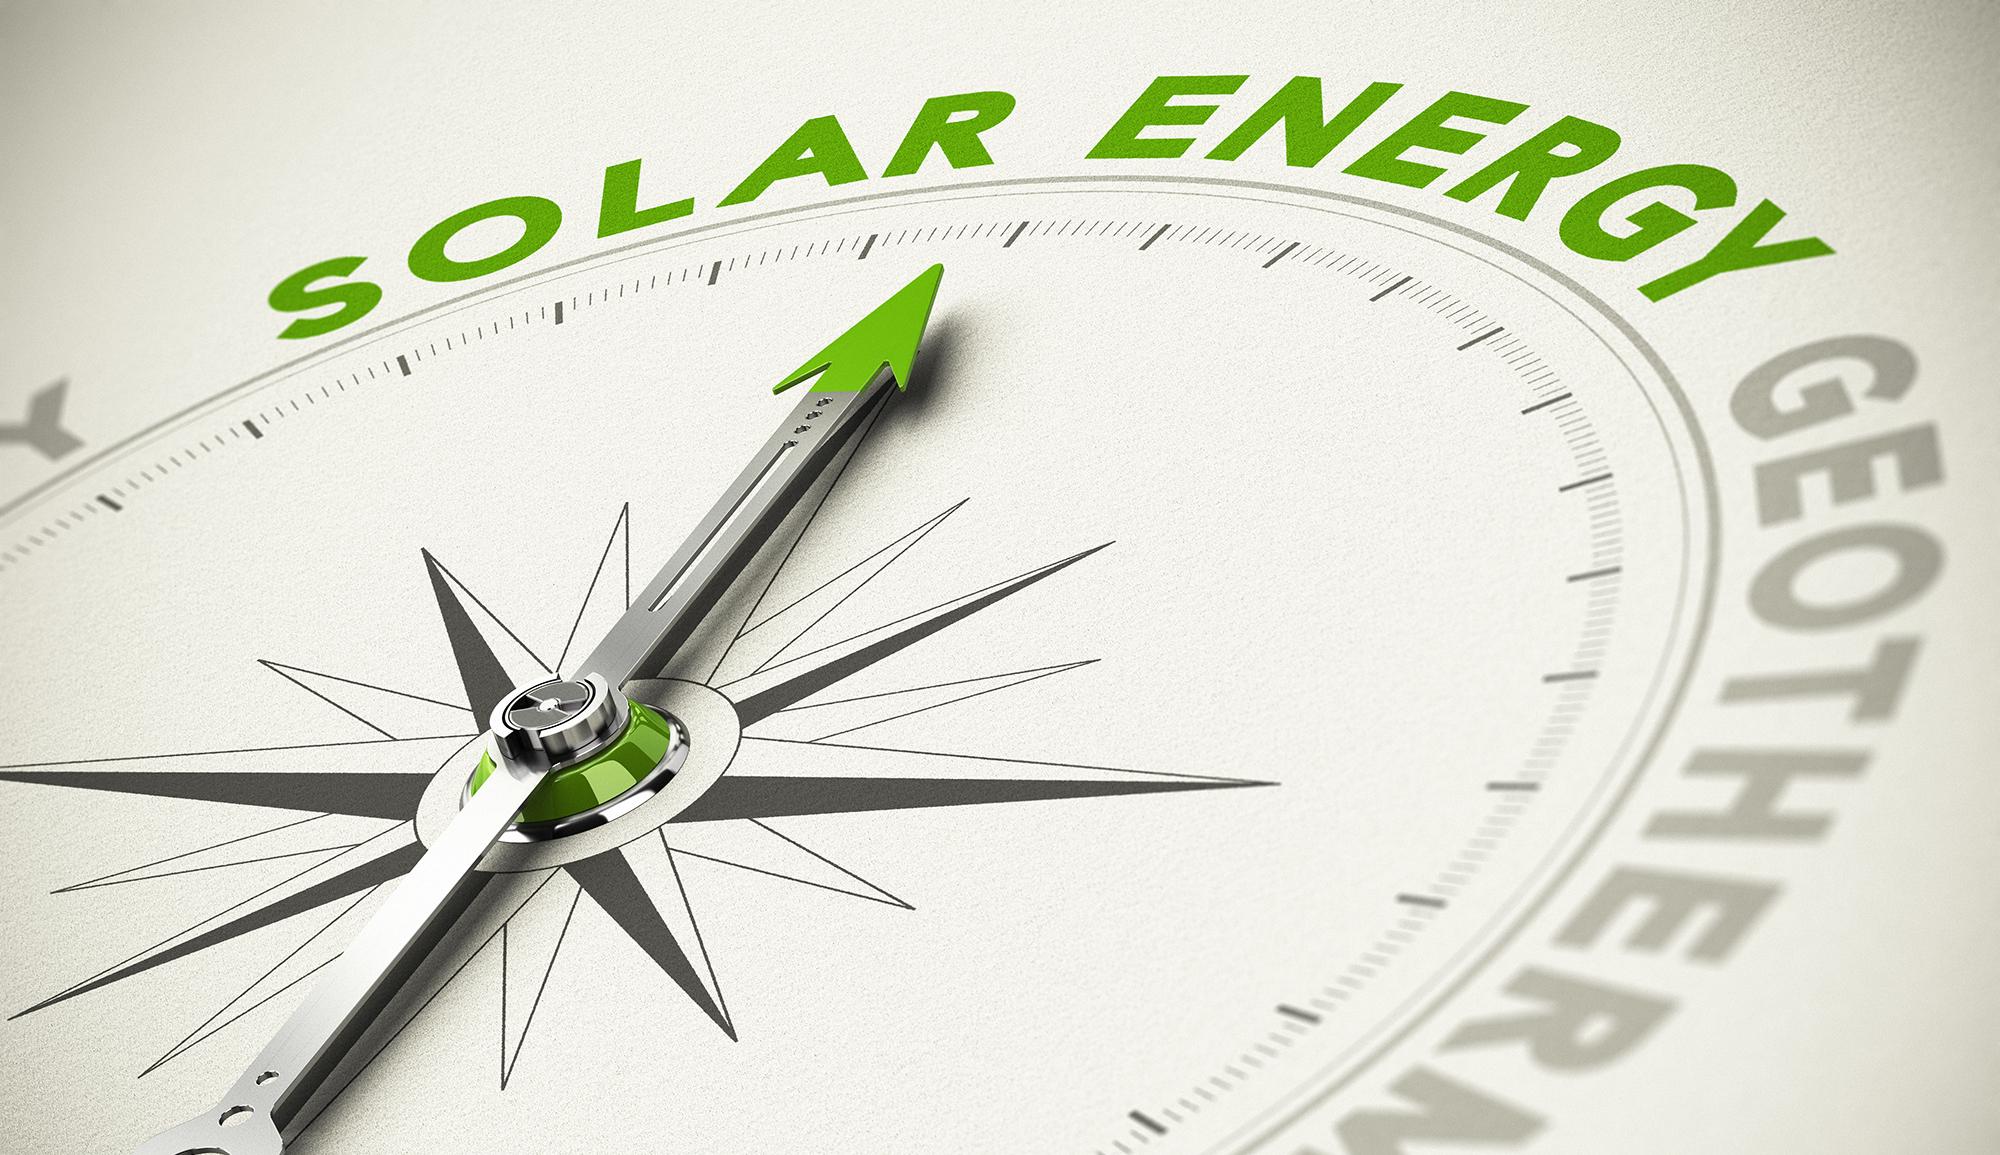 hj aeschbacher ag_Slider Solarenergie